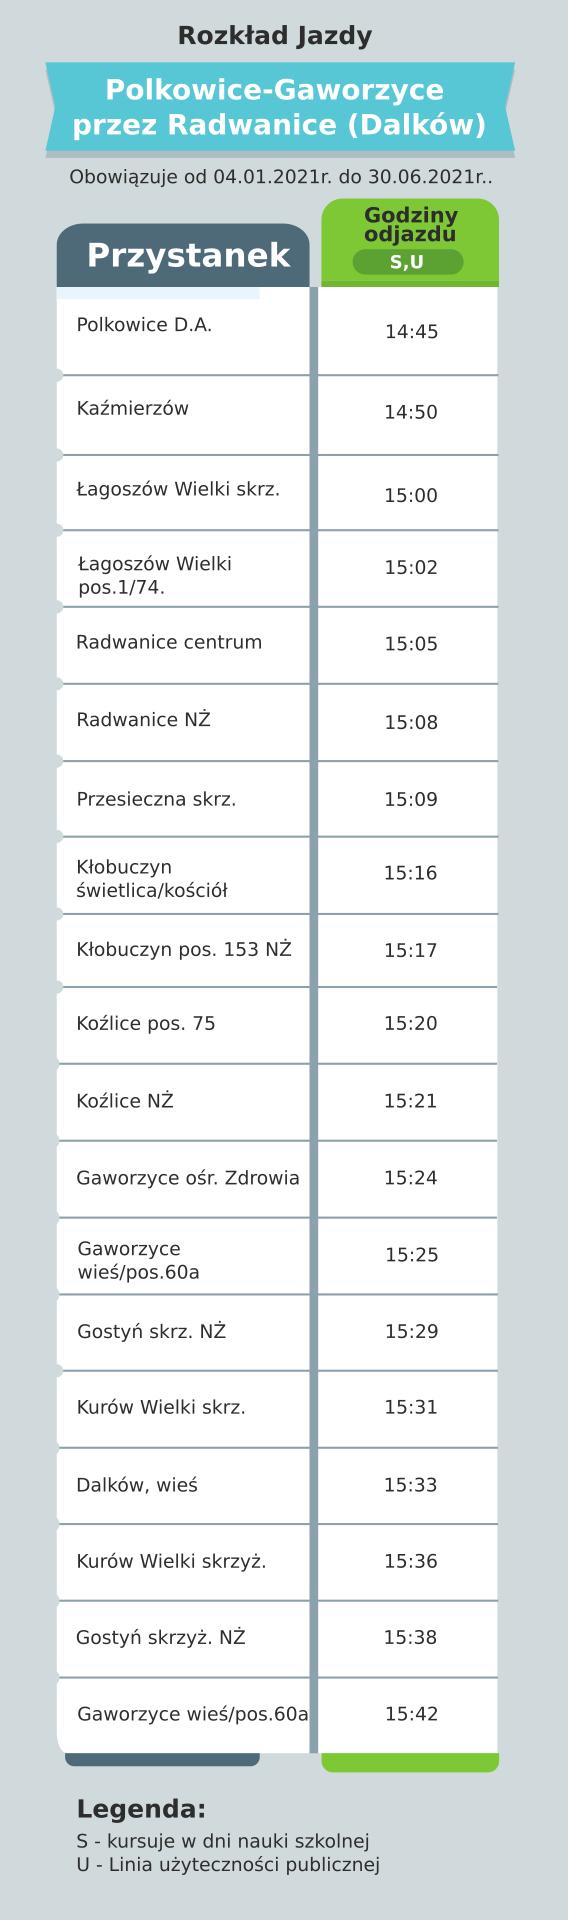 grafika przedstawiająca rozkład jazdy na trasie Polkowice-Gaworzyce przez Radwanice (Dalków)